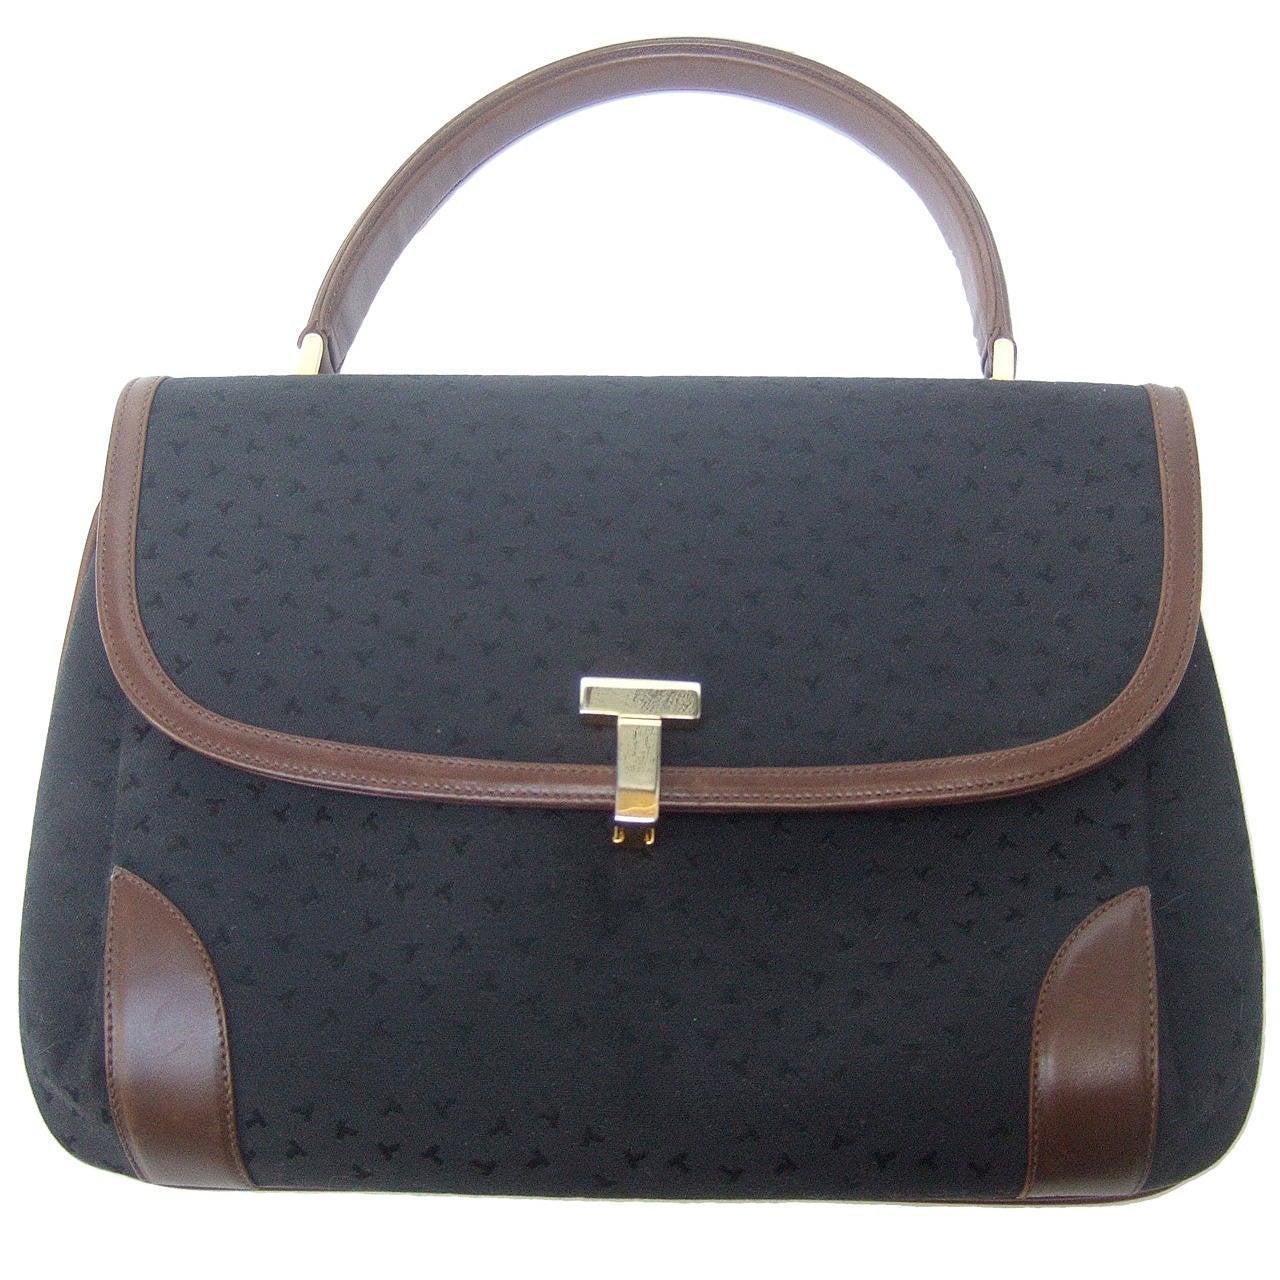 Tiffany & Company Black Canvas Handbag Made in Italy c 1980 For Sale